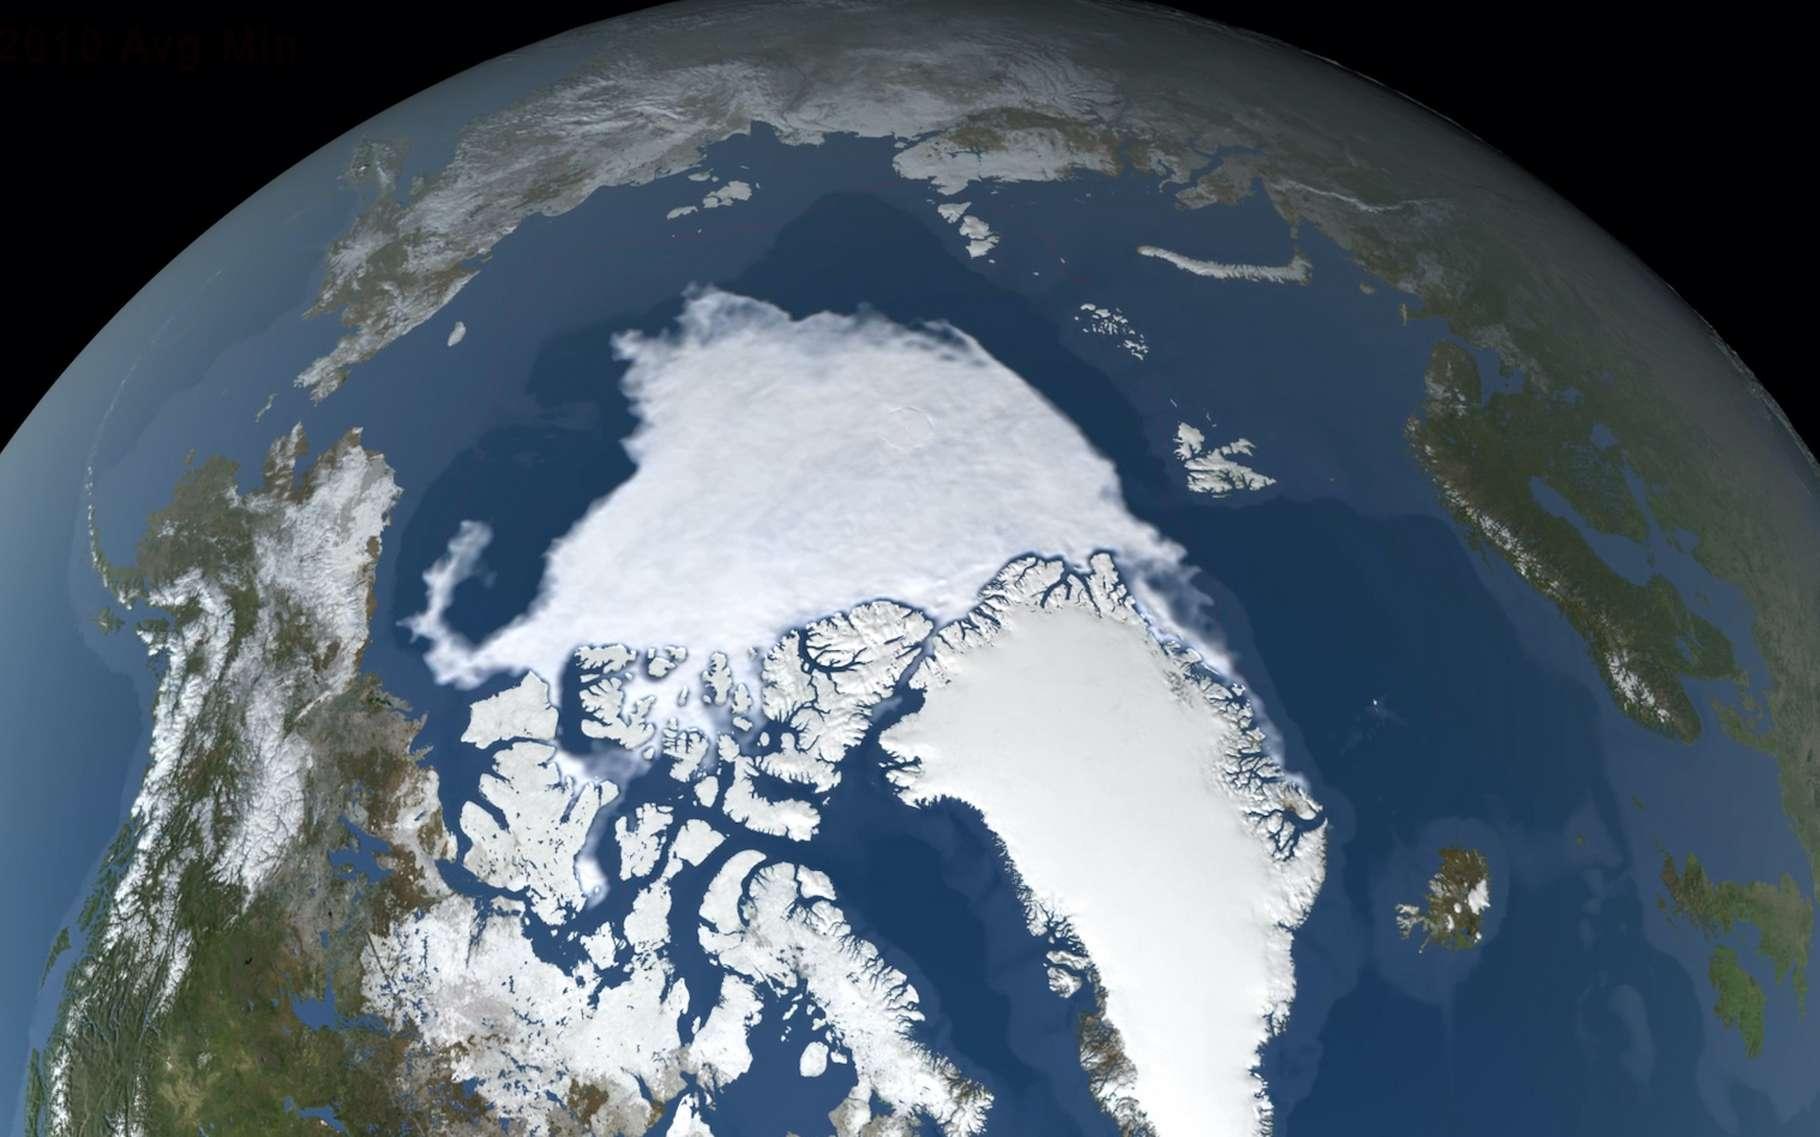 Dans l'océan Arctique, la glace de mer a atteint une étendue minimale de 3,74 millions de km2 ce 15 septembre 2020, la deuxième plus faible étendue depuis le début des enregistrements. © Nasa's Scientific Visualization Studio